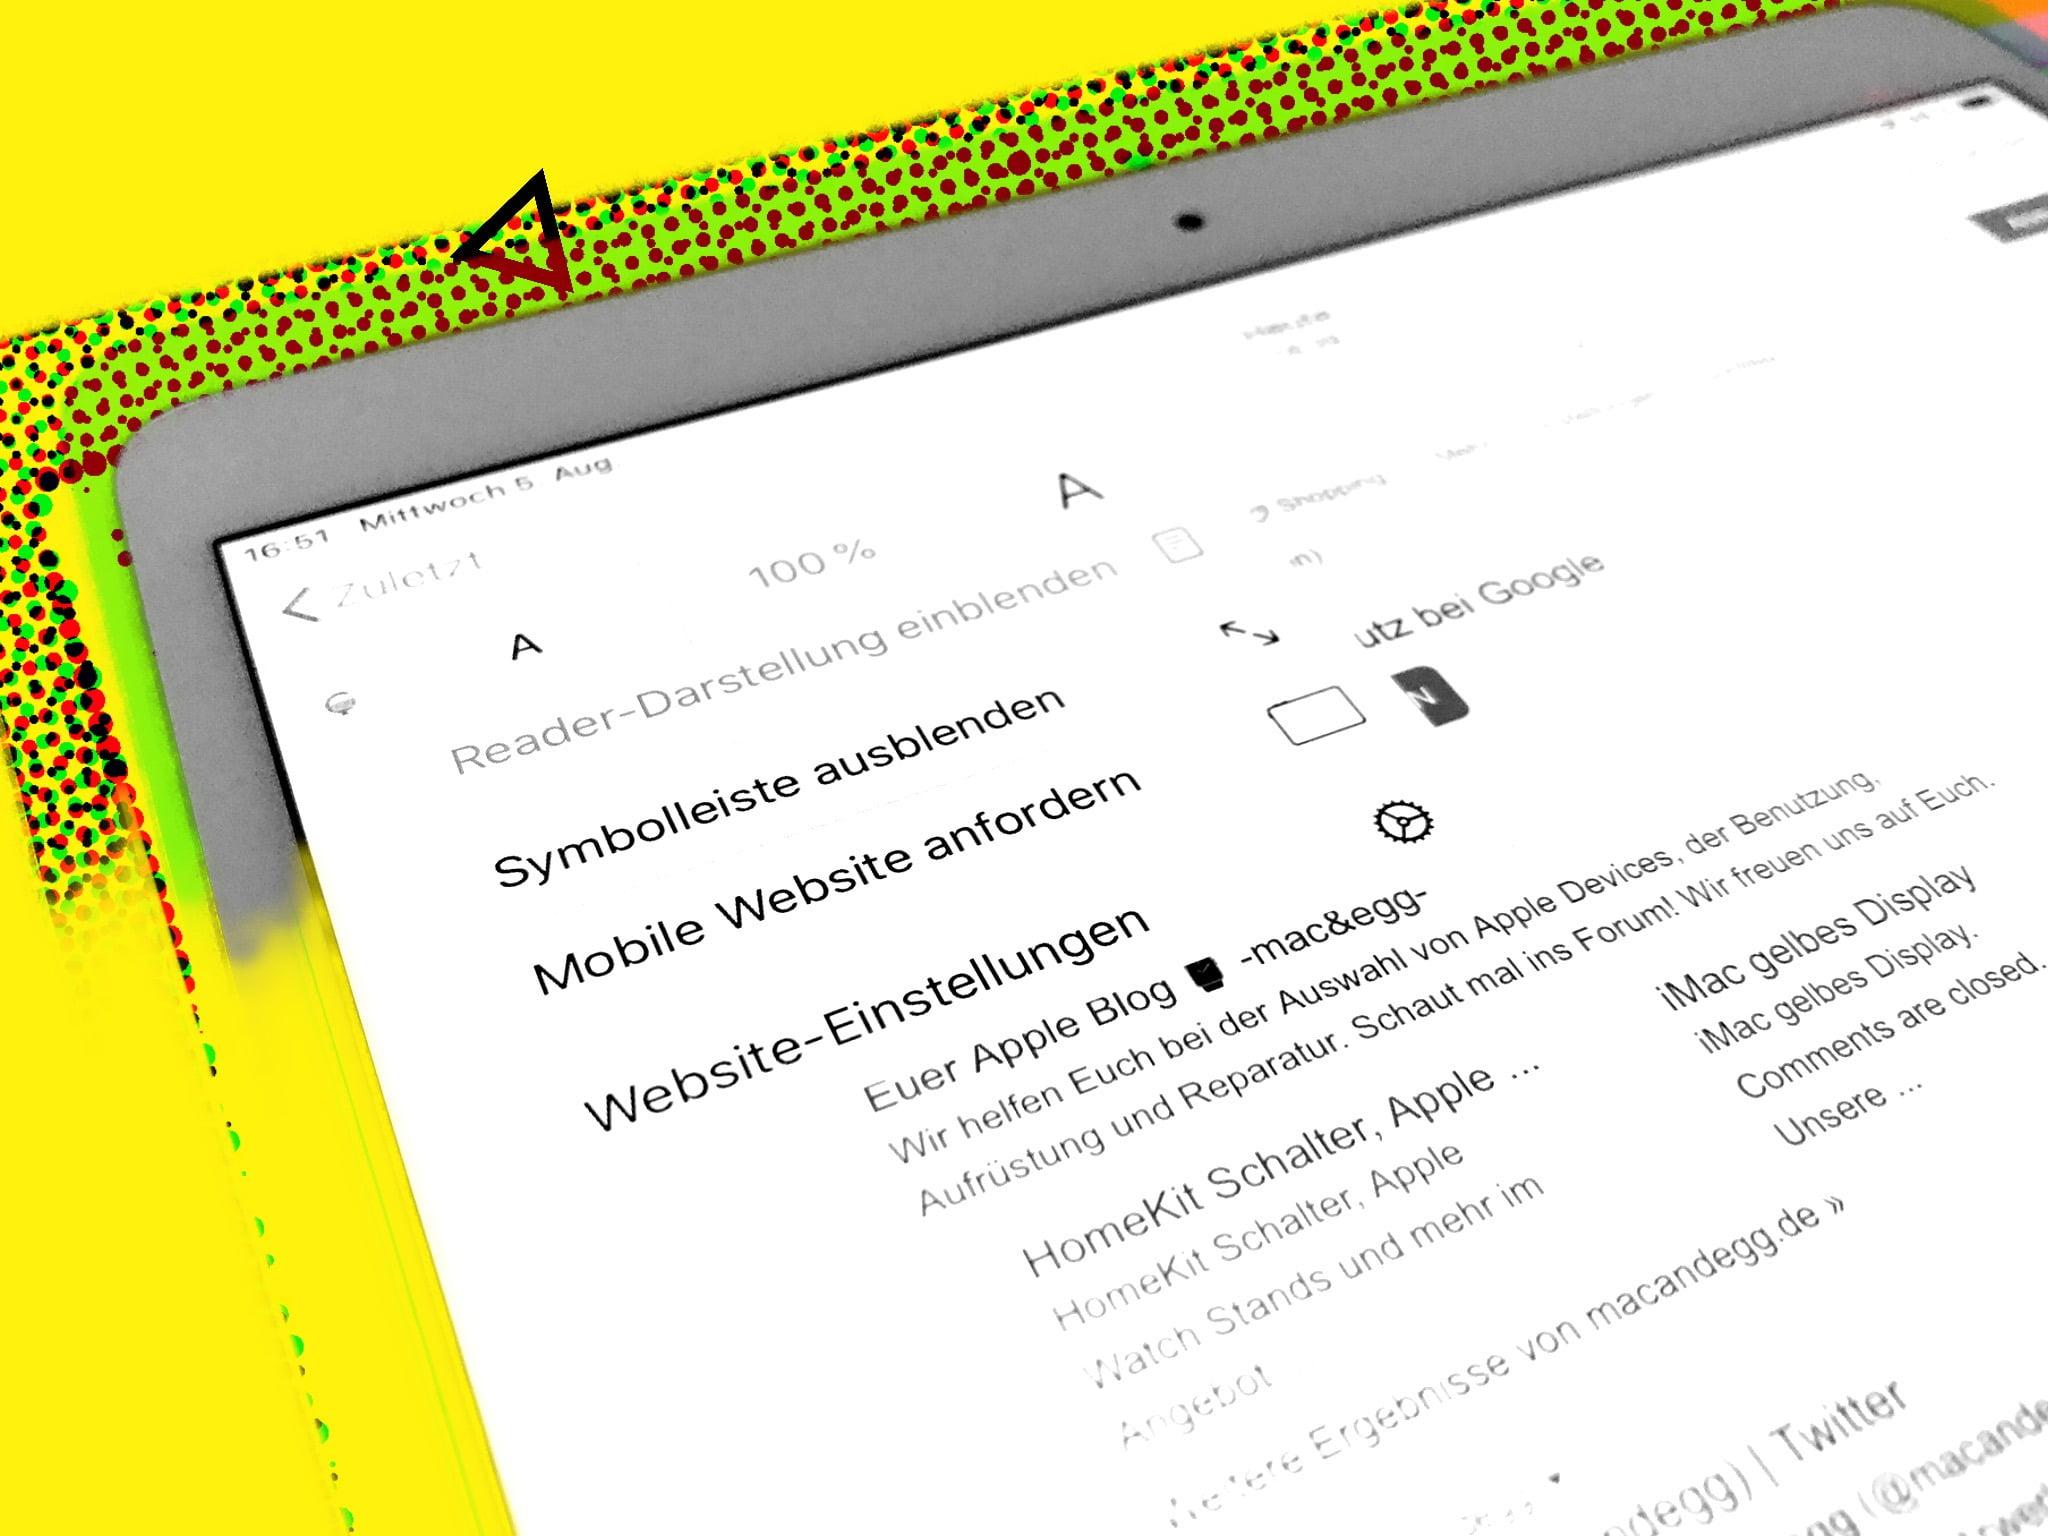 Request mobile Website Safari iOS